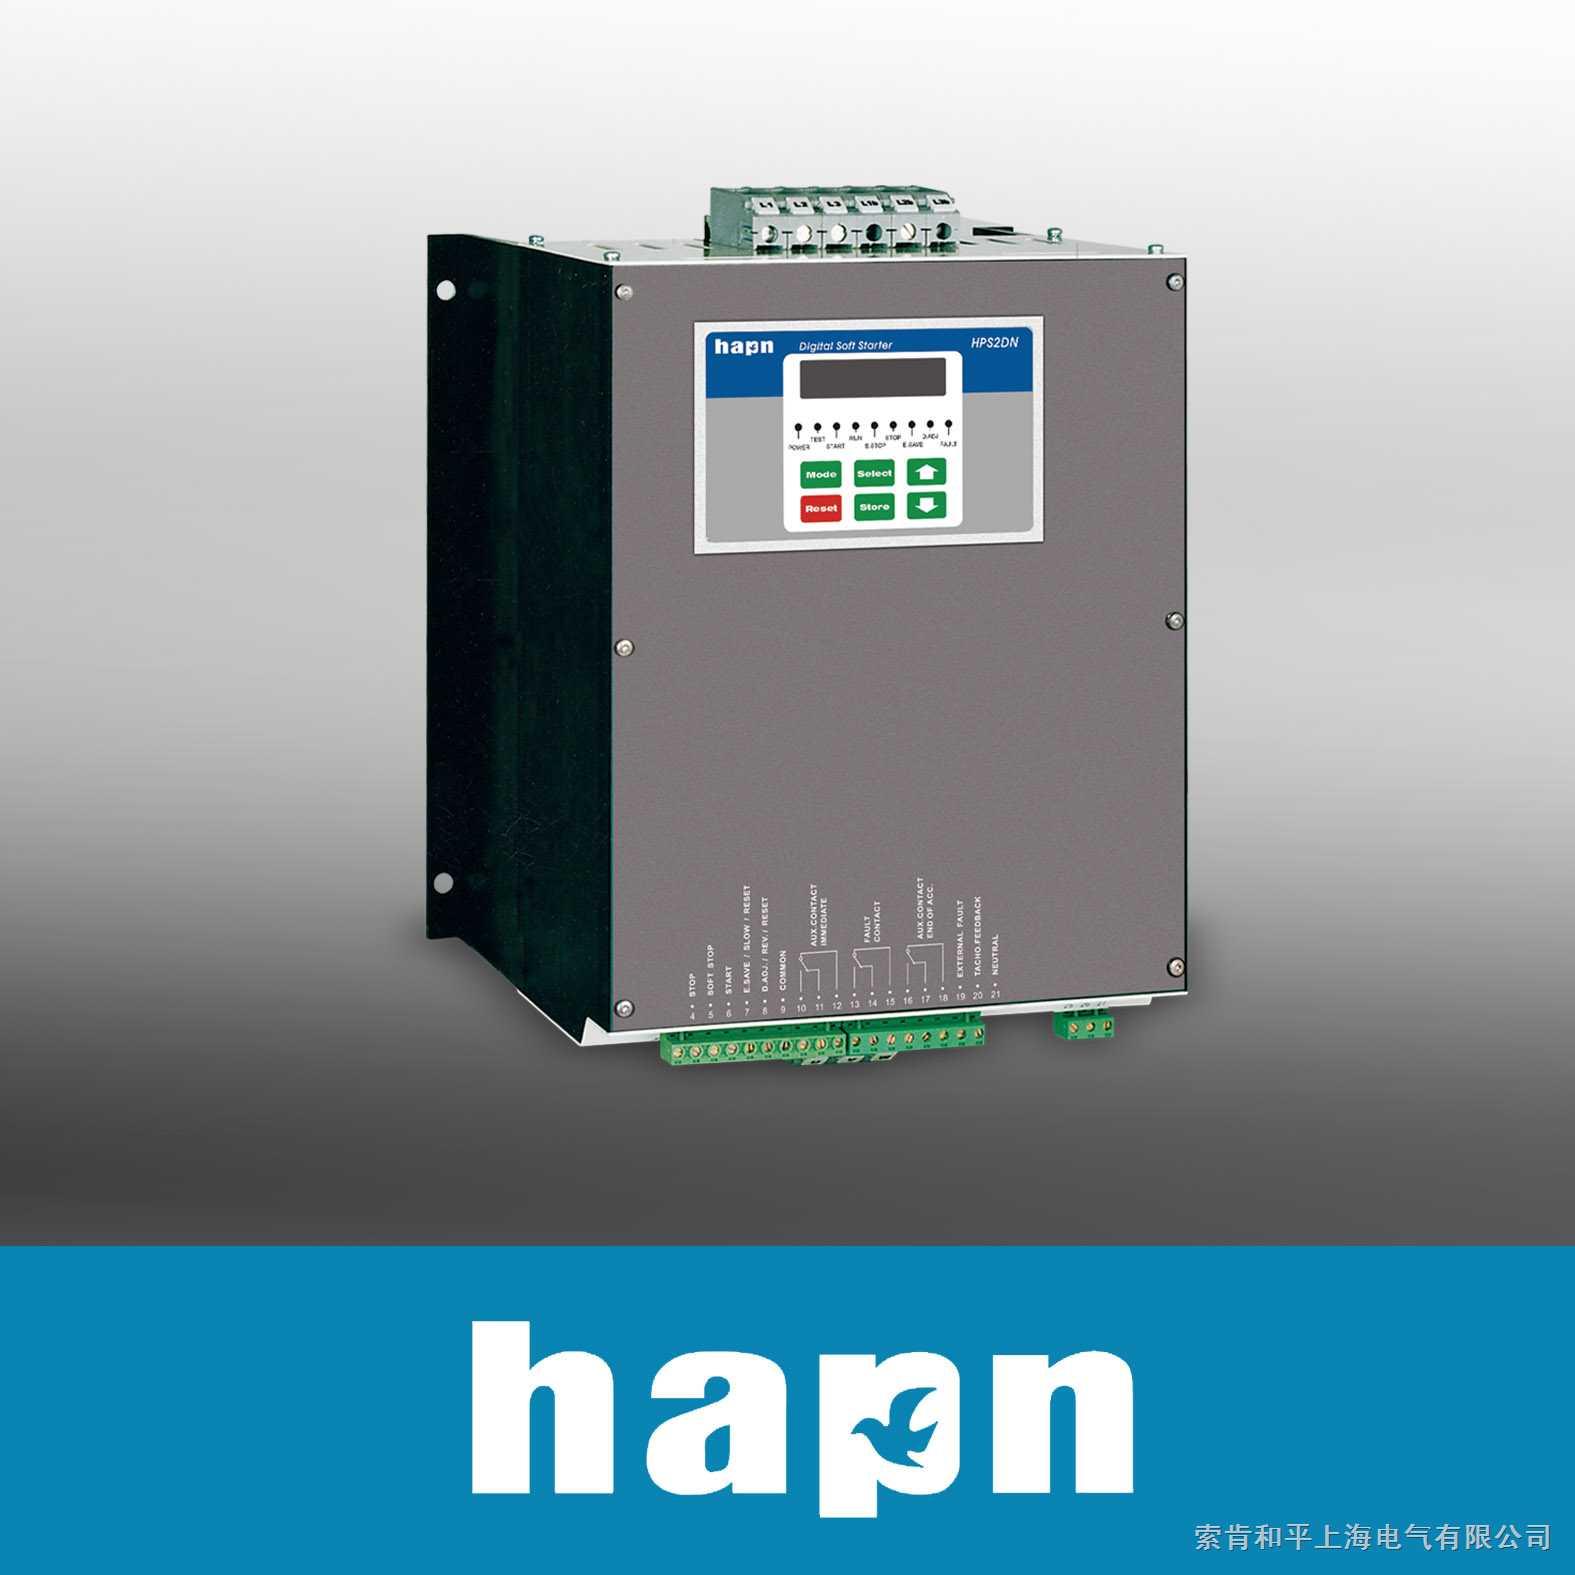 和平hps2dn智能软起动器(软启动器第一品牌,说明书,作用,电路图,接线